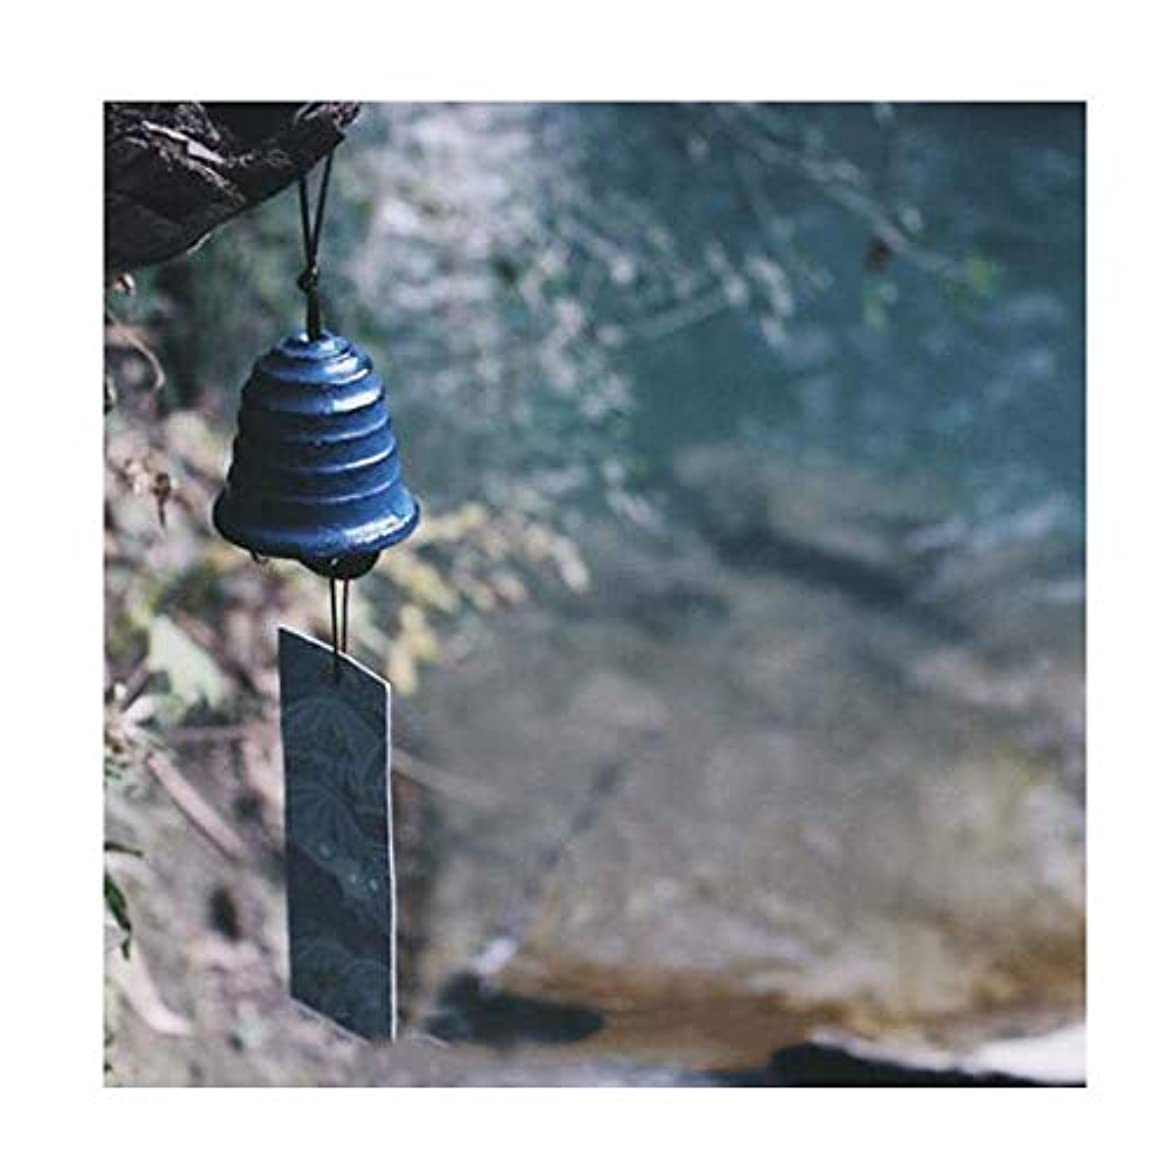 集団的書き込み比喩風チャイム、クリエイティブ?ロックハンドシェイプ南鋳鉄風チャイム、波状のレトロベル、誕生日プレゼント (Color : Ultramarine, Size : 4.5